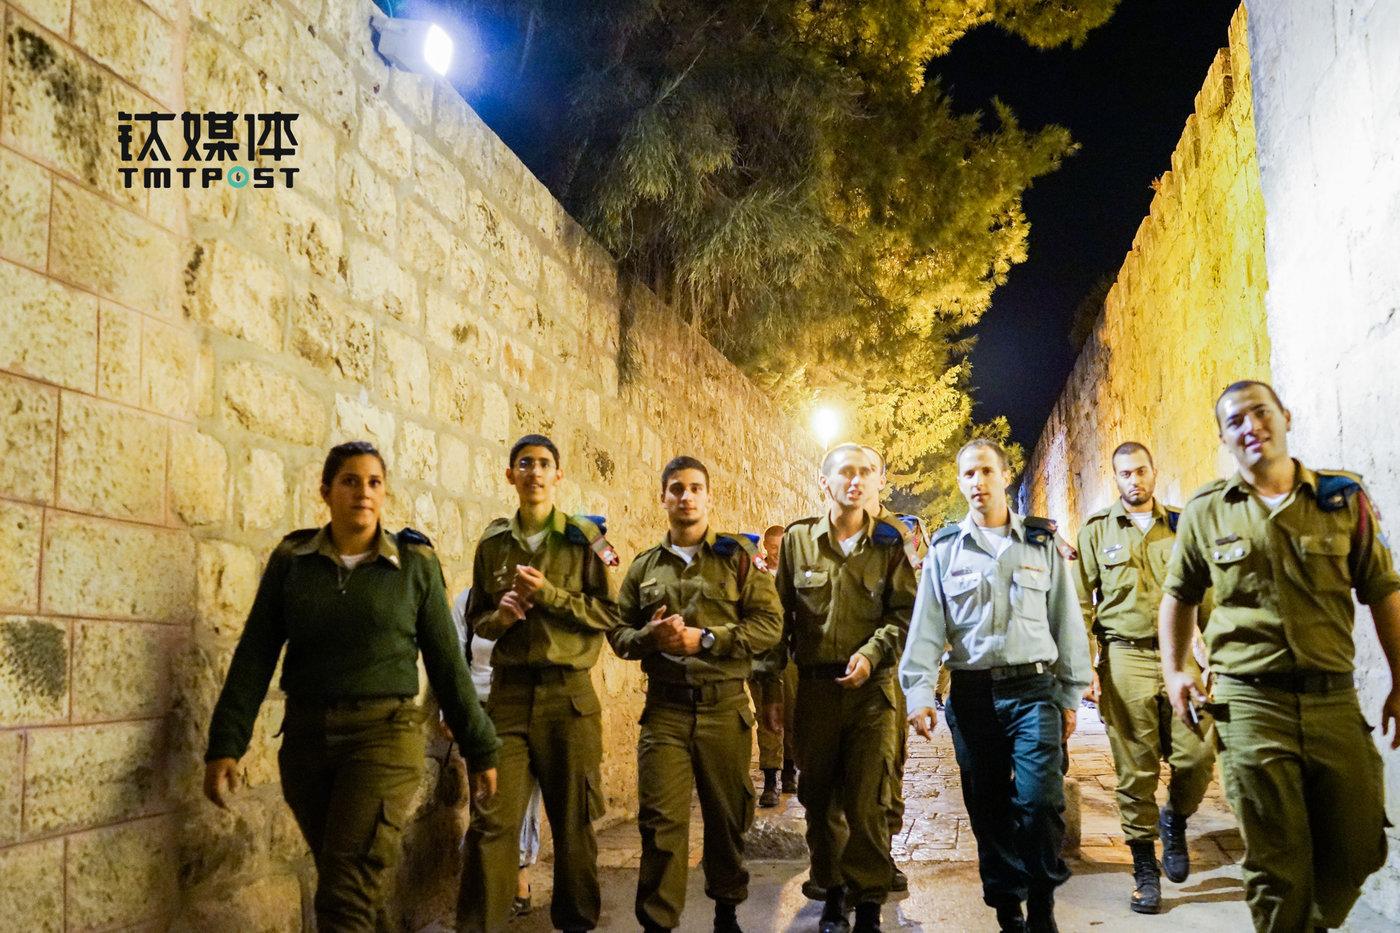 走在耶路撒冷街头的以色列士兵。在以色列,男女都必须服兵役。(图/朱玲玉)